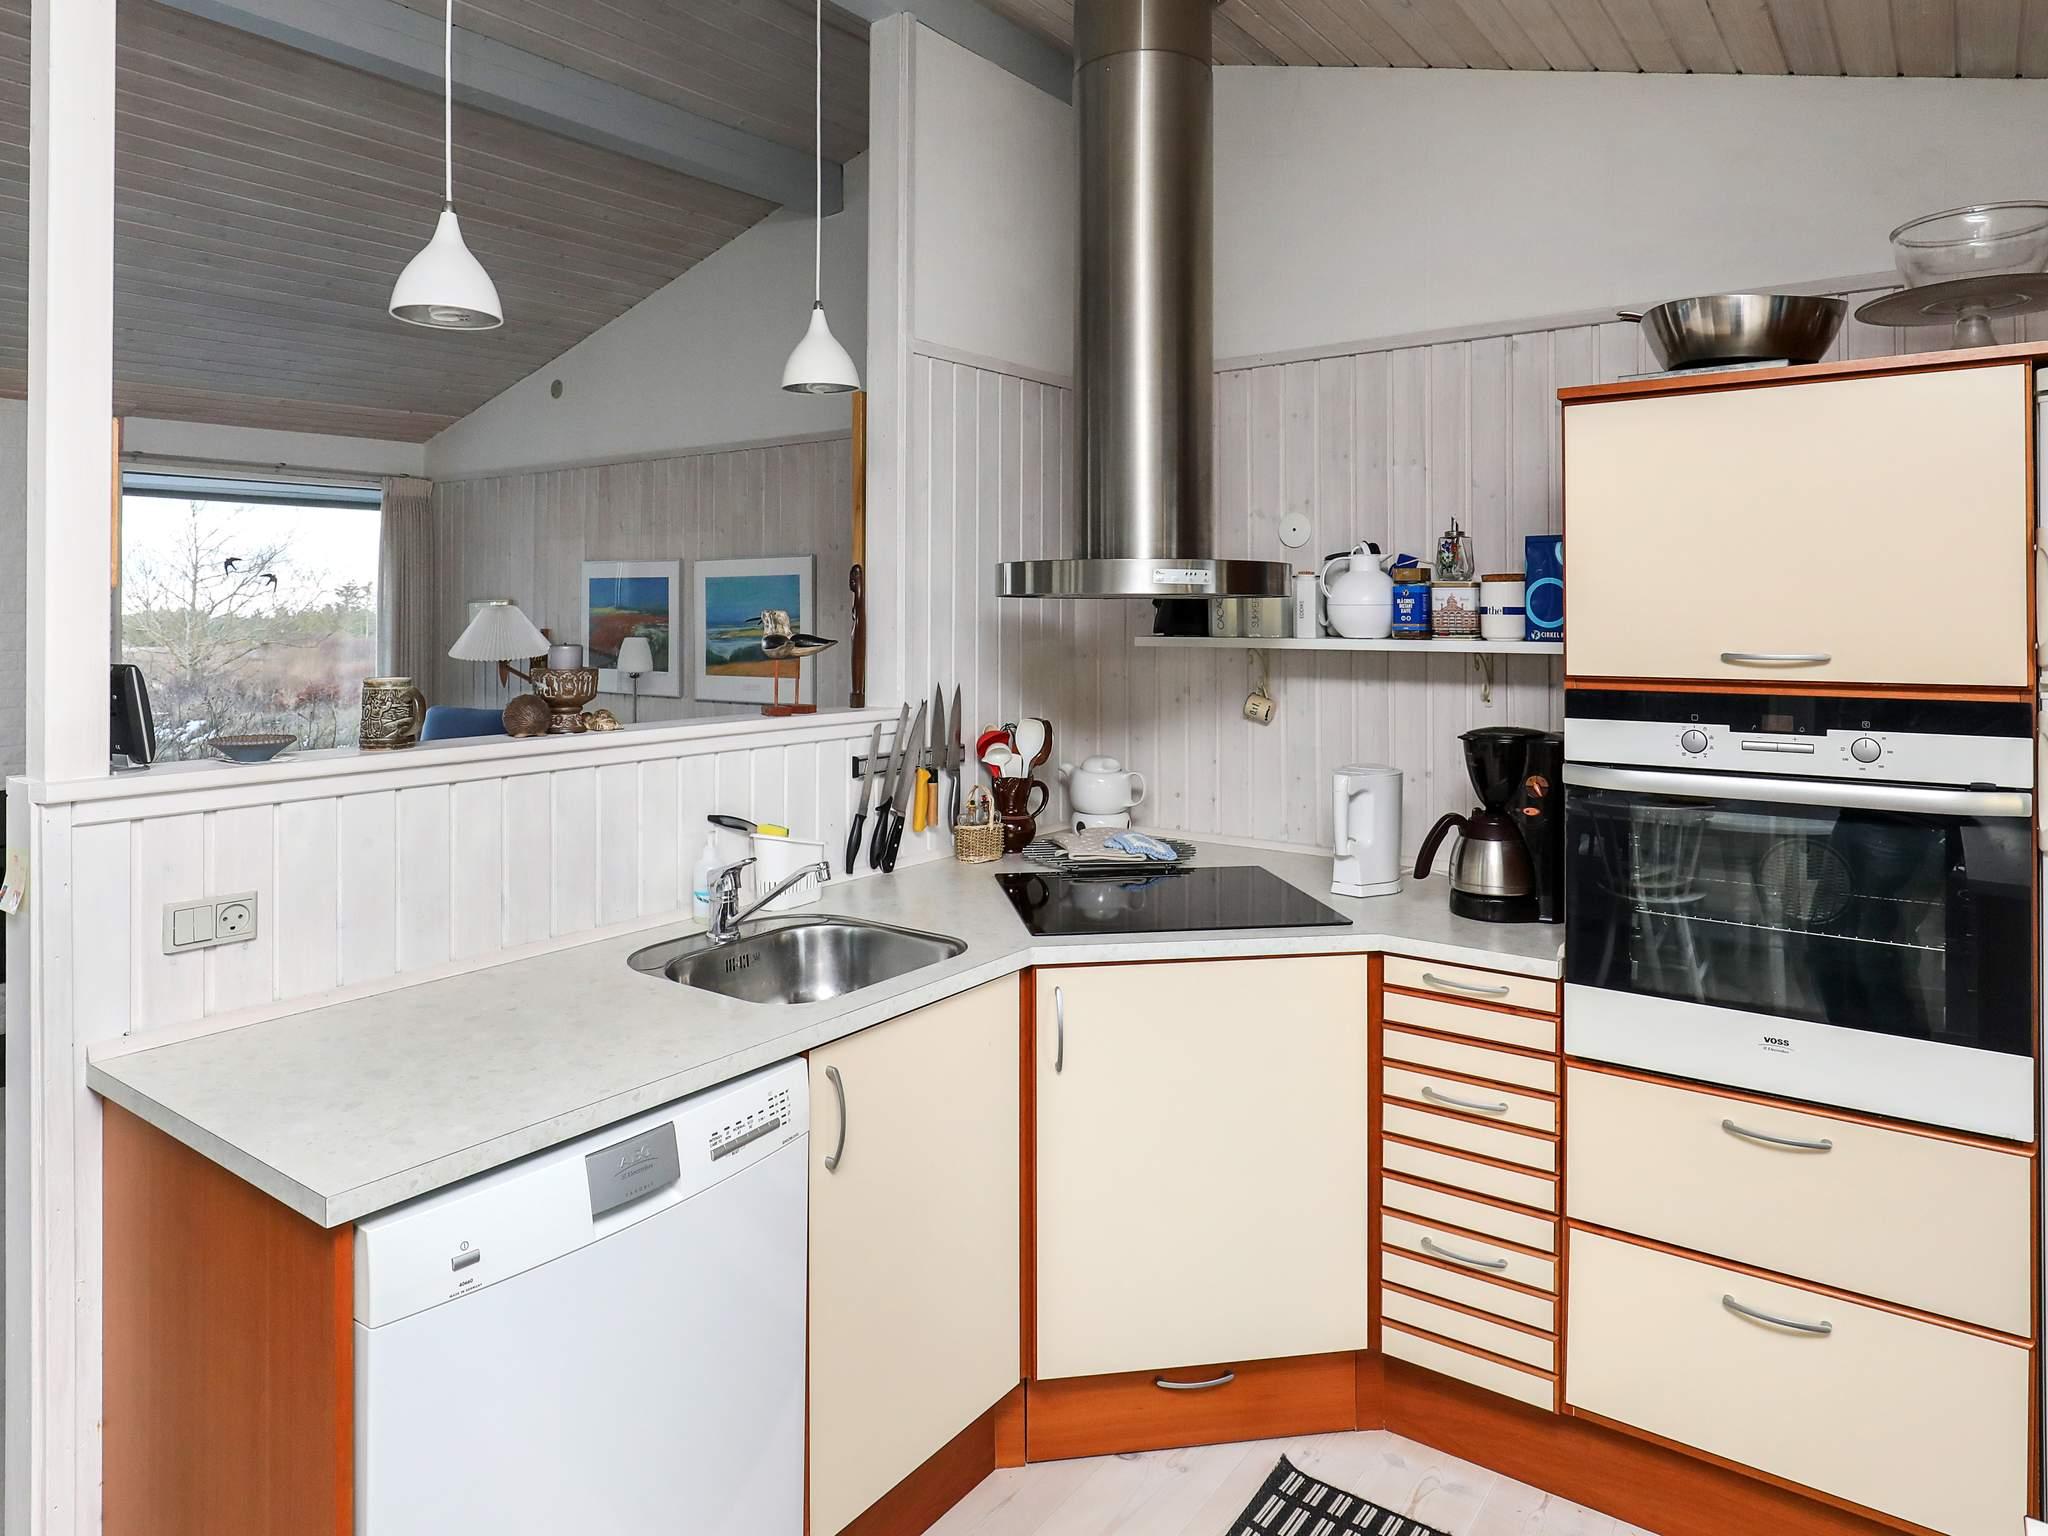 Ferienhaus Kjul Strand (2355118), Hirtshals, , Nordwestjütland, Dänemark, Bild 4